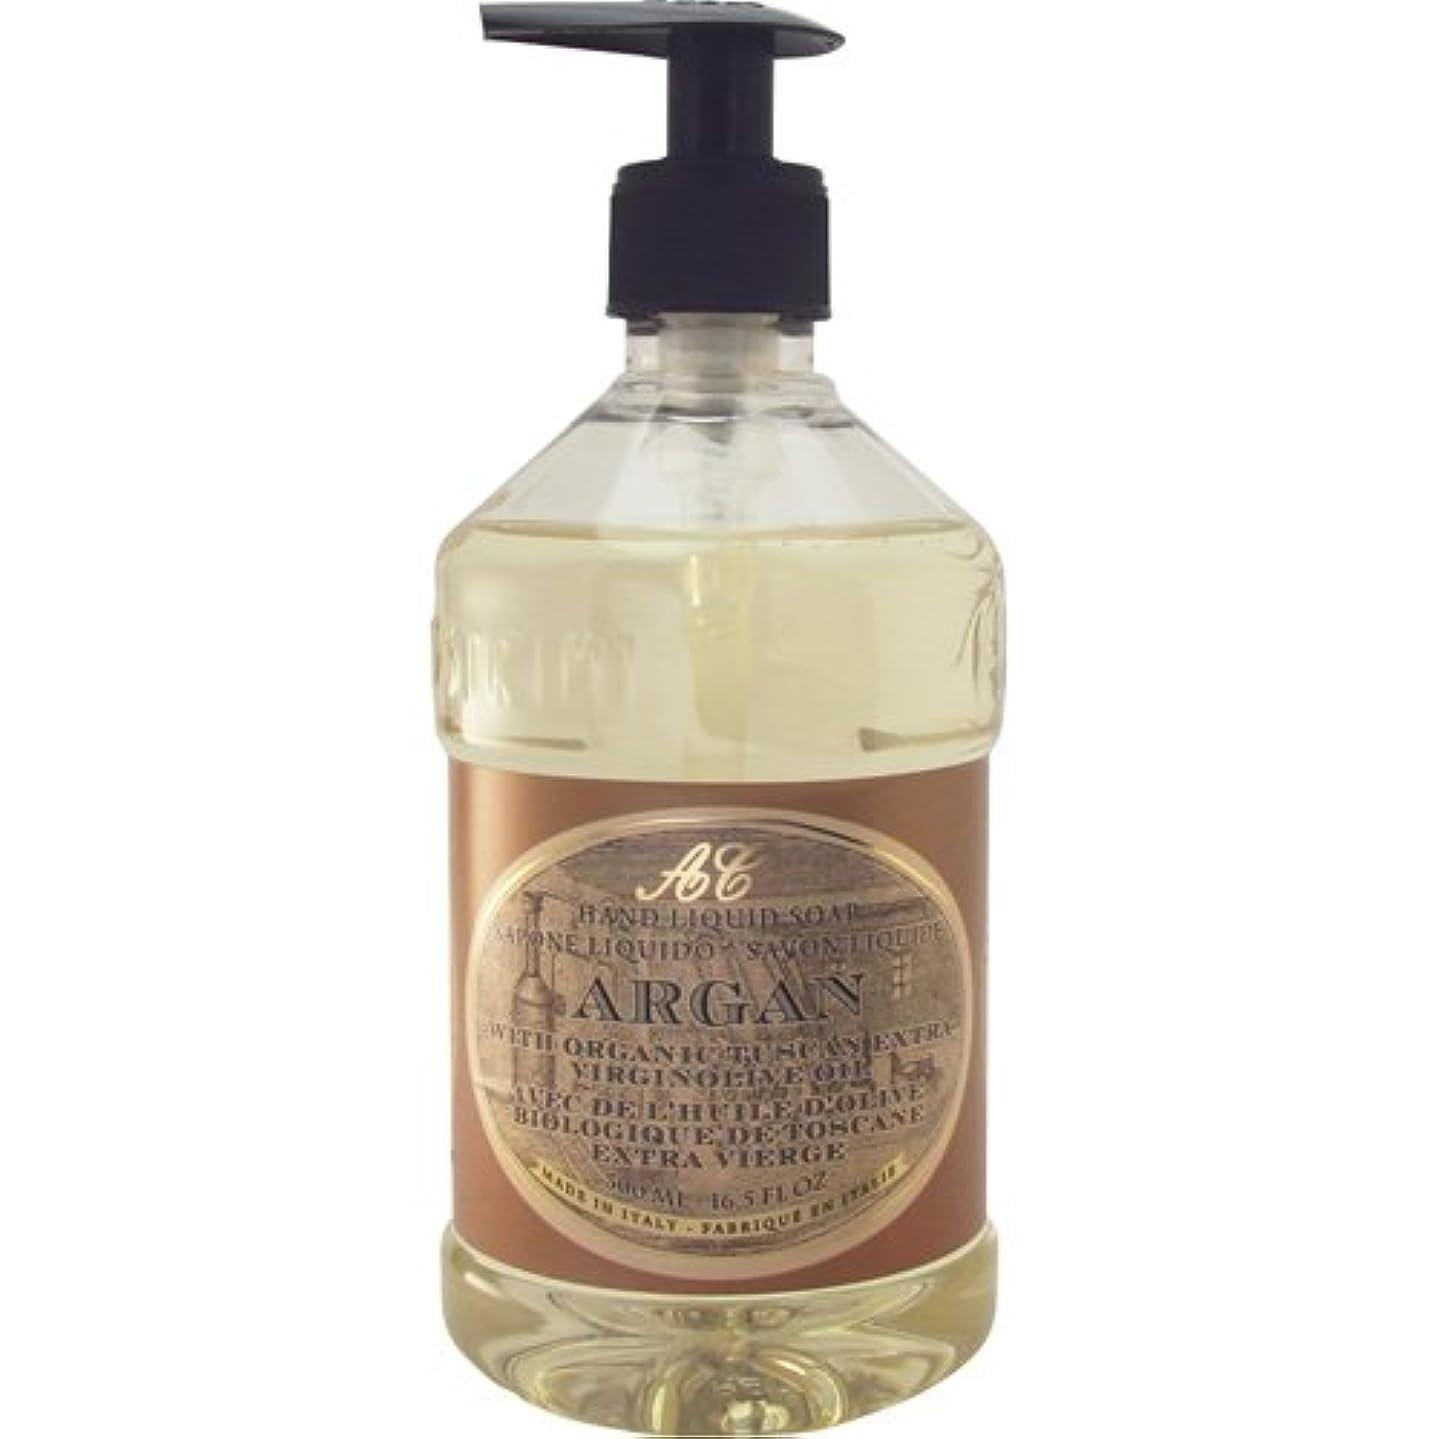 スラッシュ真実にフェザーSaponerire Fissi レトロシリーズ Liquid Soap リキッドソープ 500ml Argan アルガンオイル